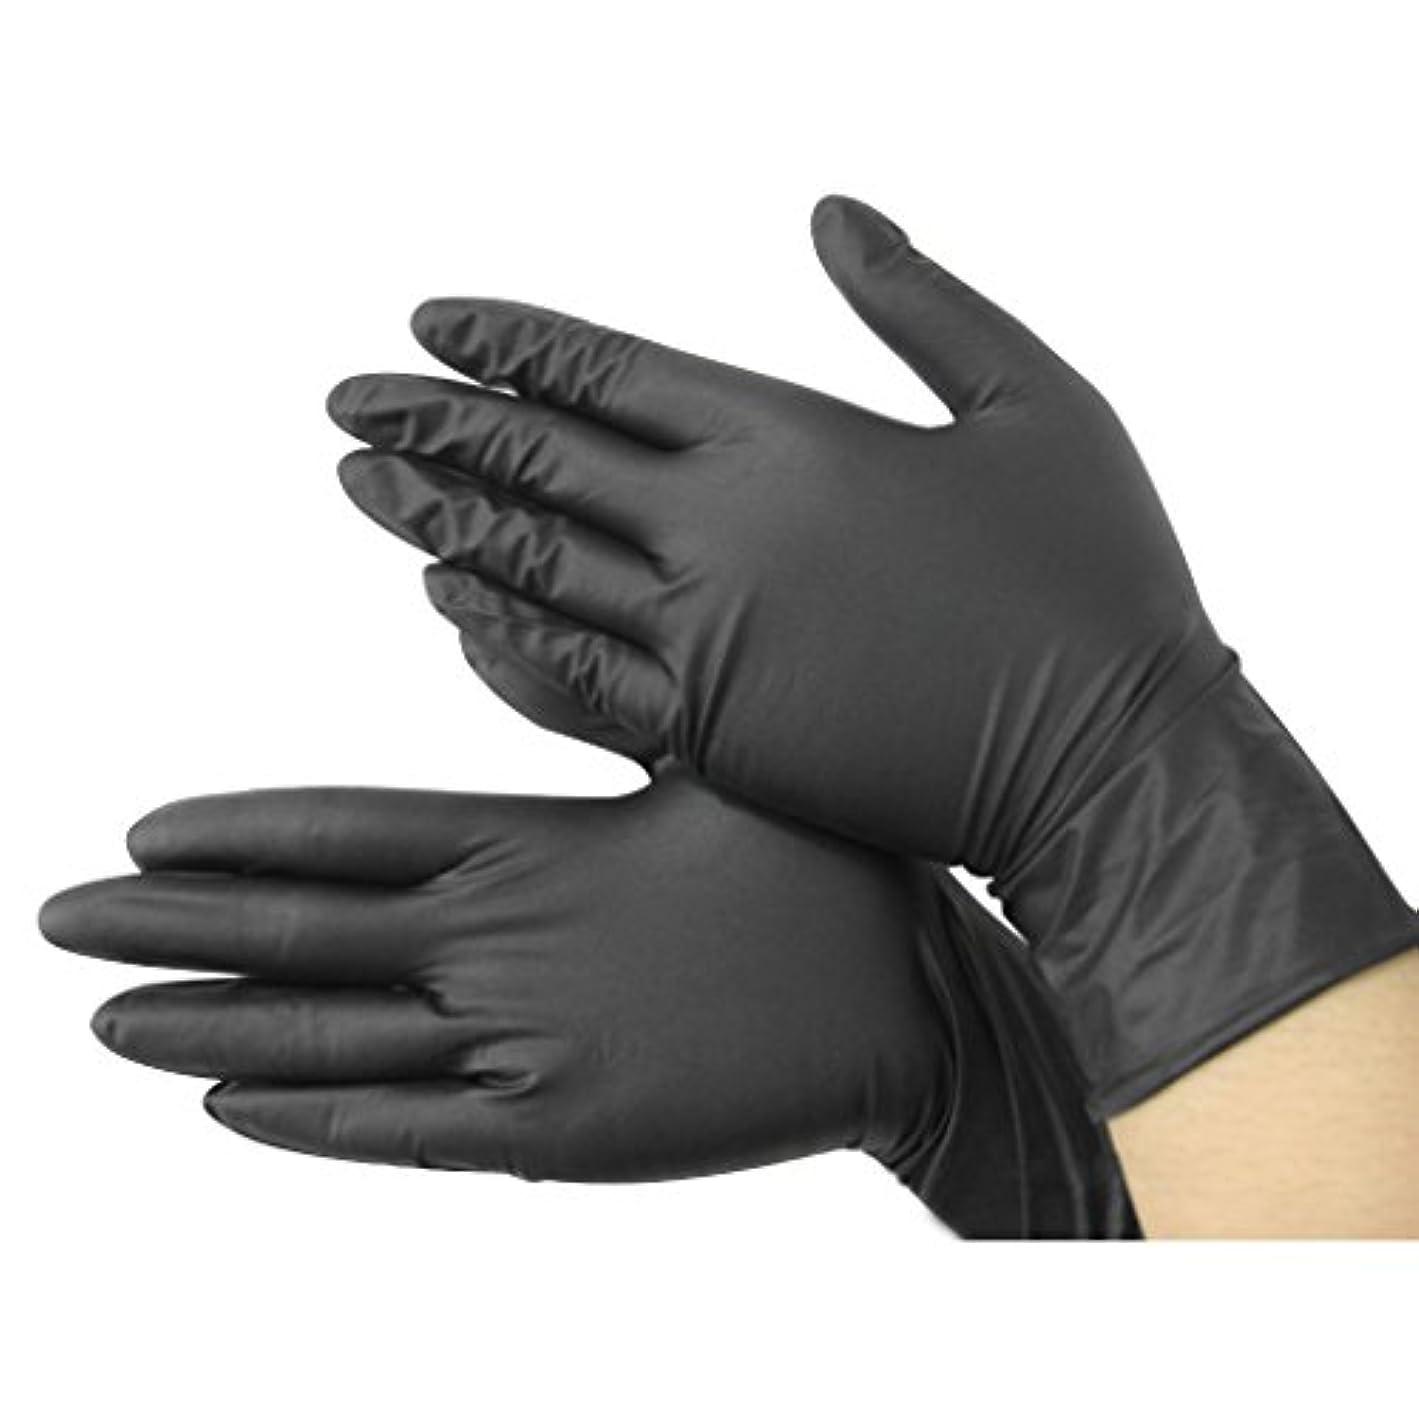 センサー複雑なねばねばGaoominy 黒いニトリル使い捨てクール手袋 パワーフリーX100 - 入れ墨 - メカニック 新しい